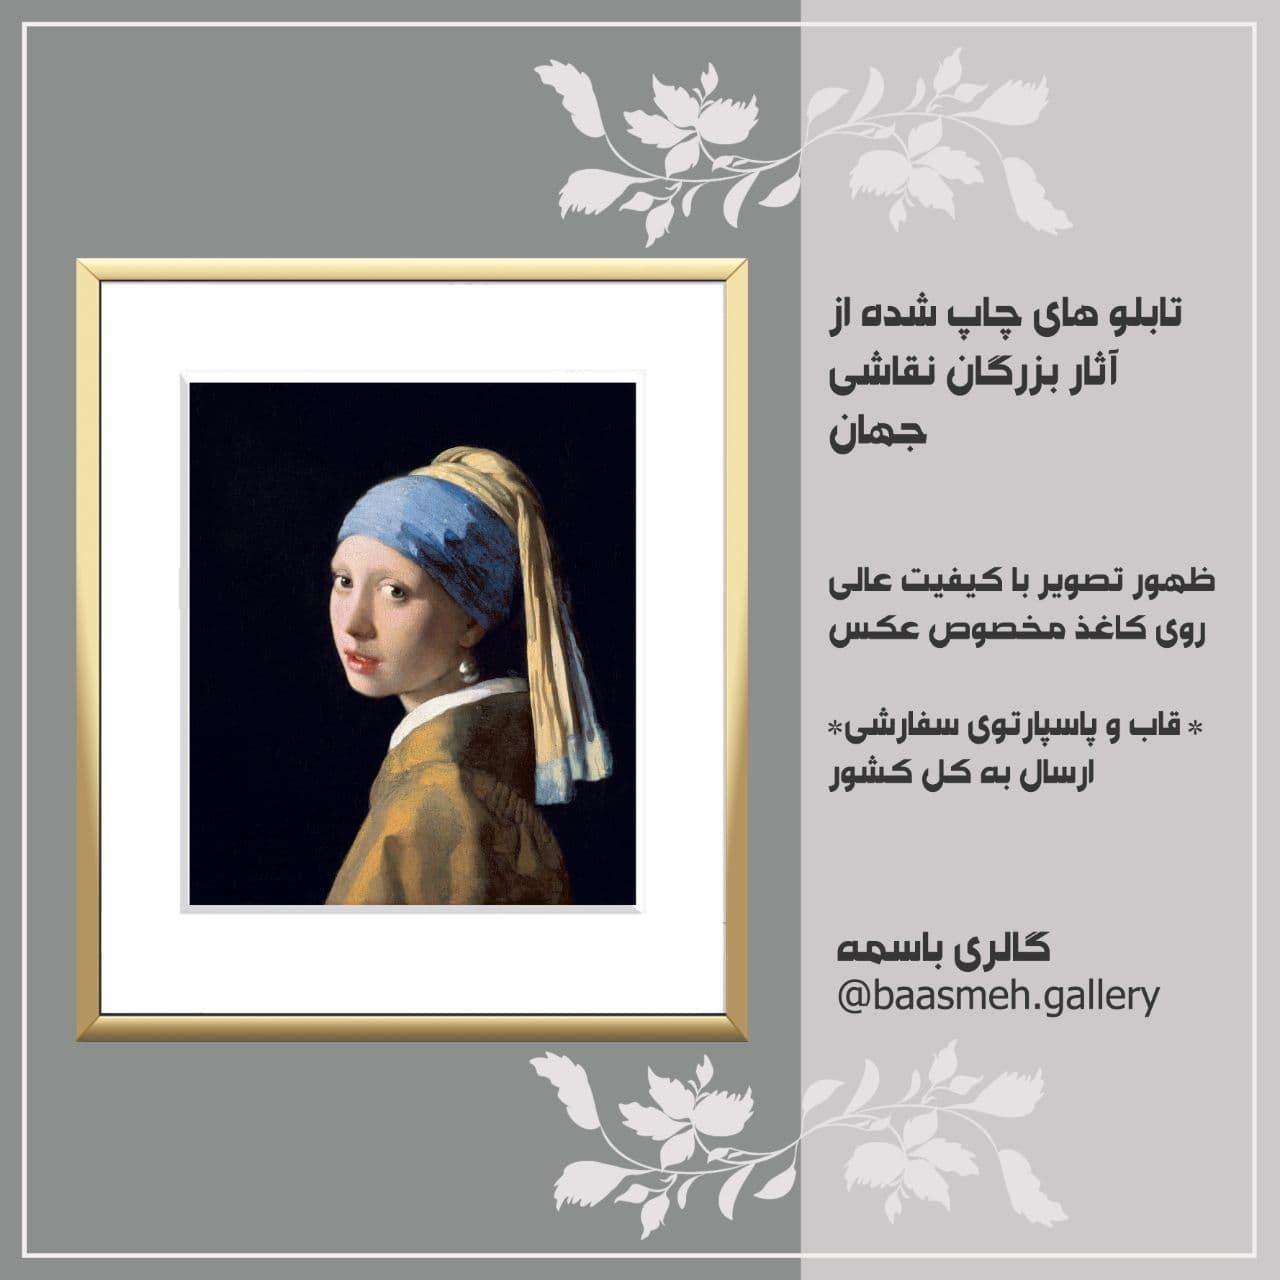 بهترین های نقاشی جهان در باسمه